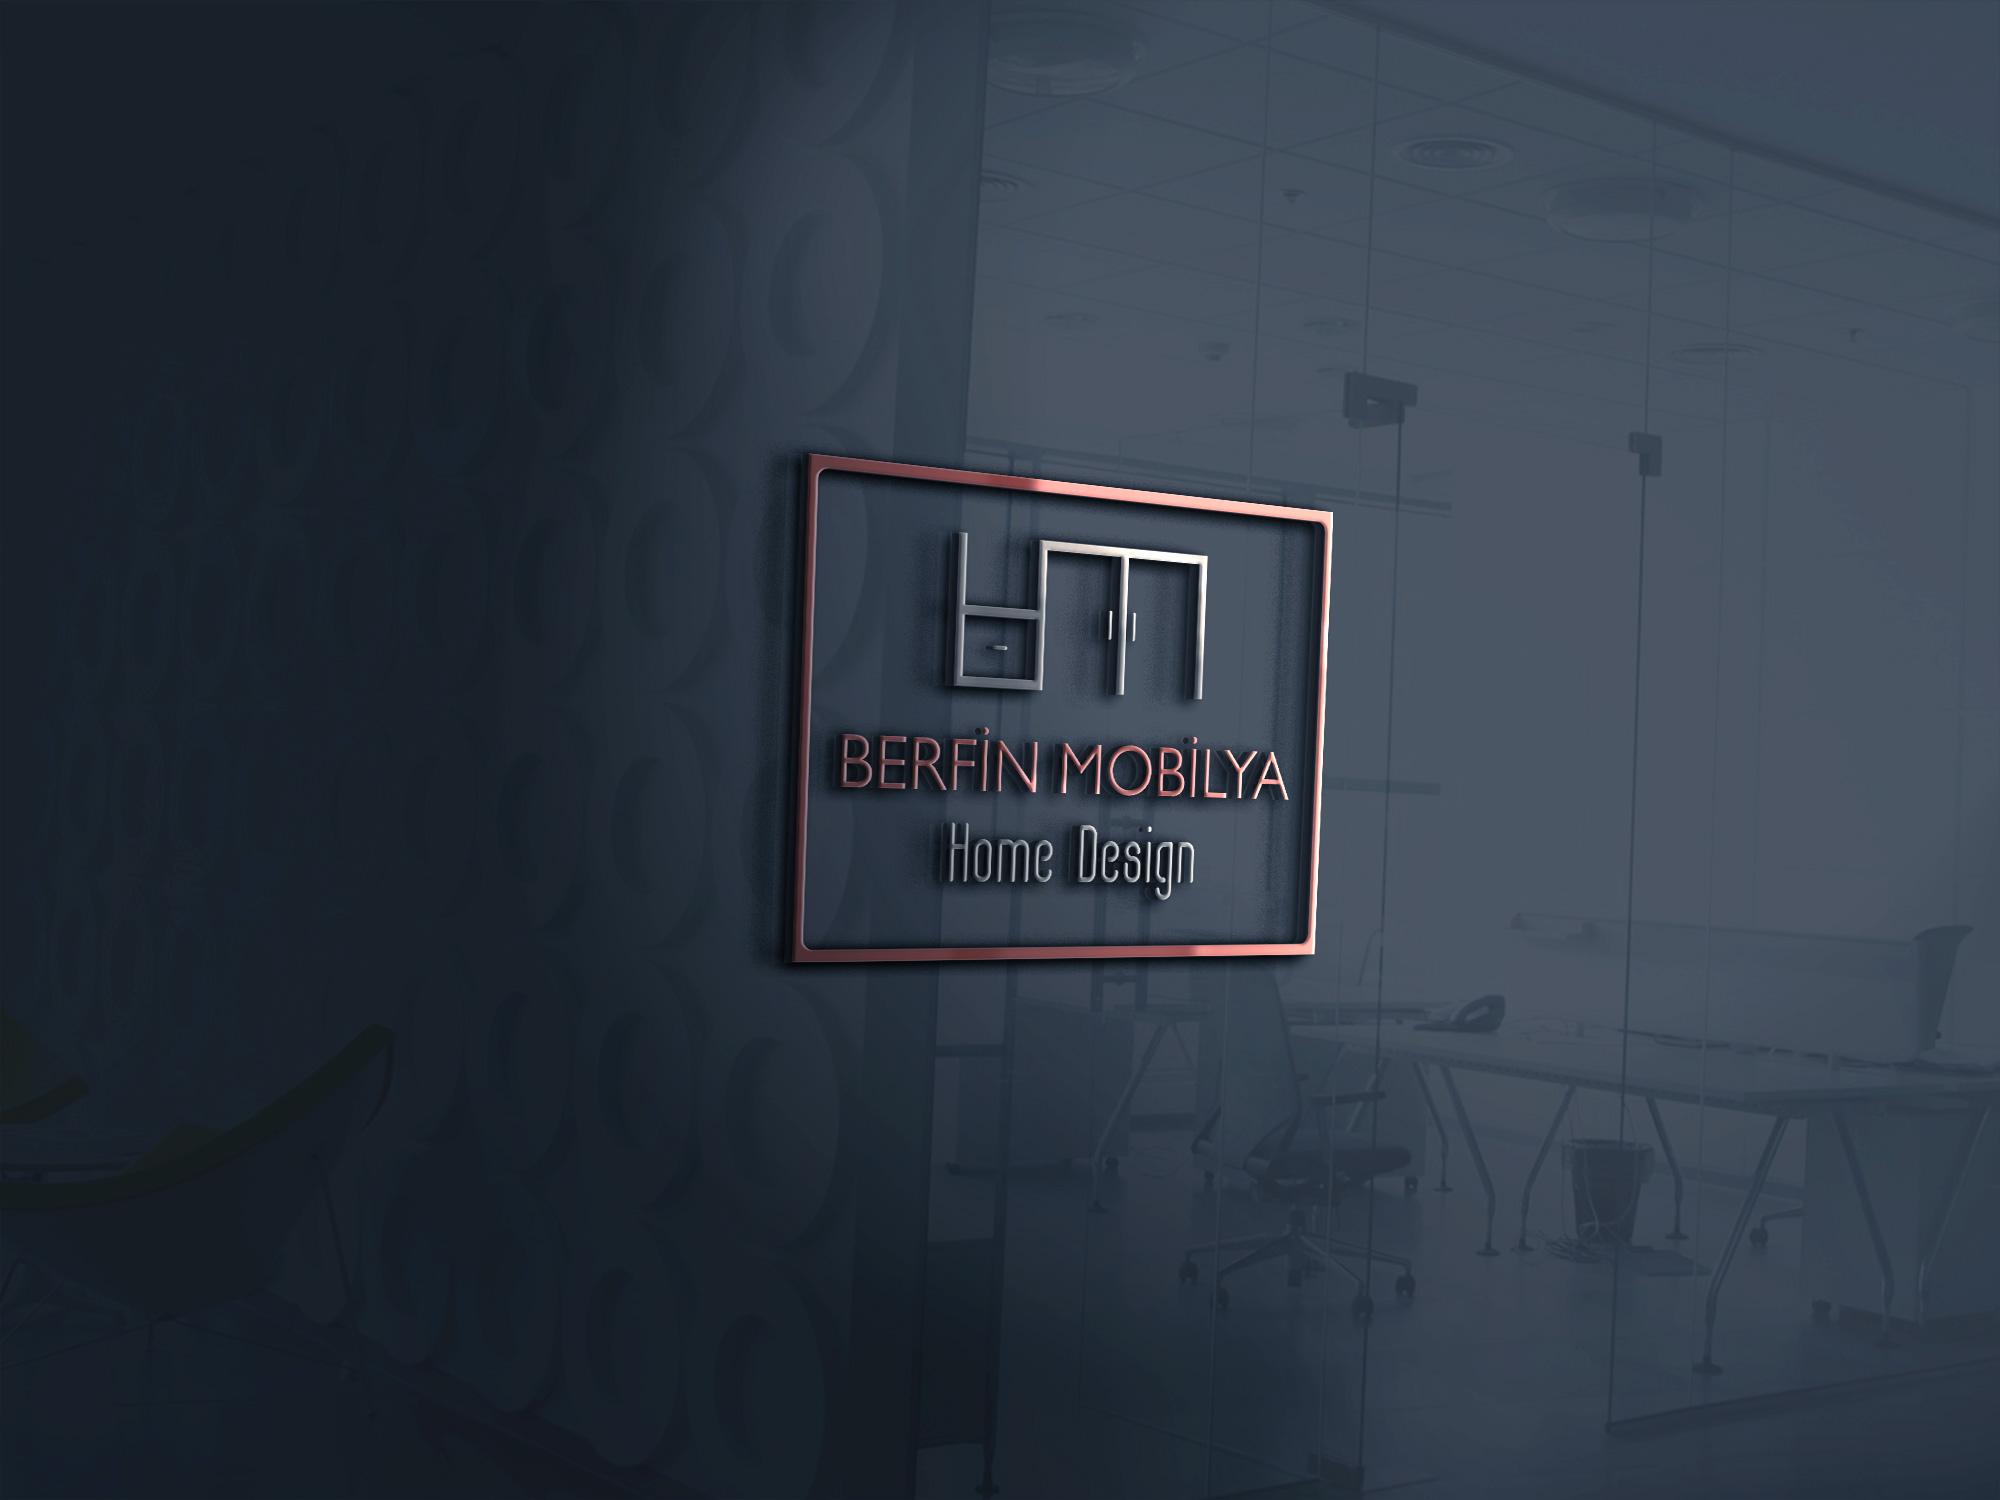 berfin mobilya logo tasarım - Neler Yaptık?